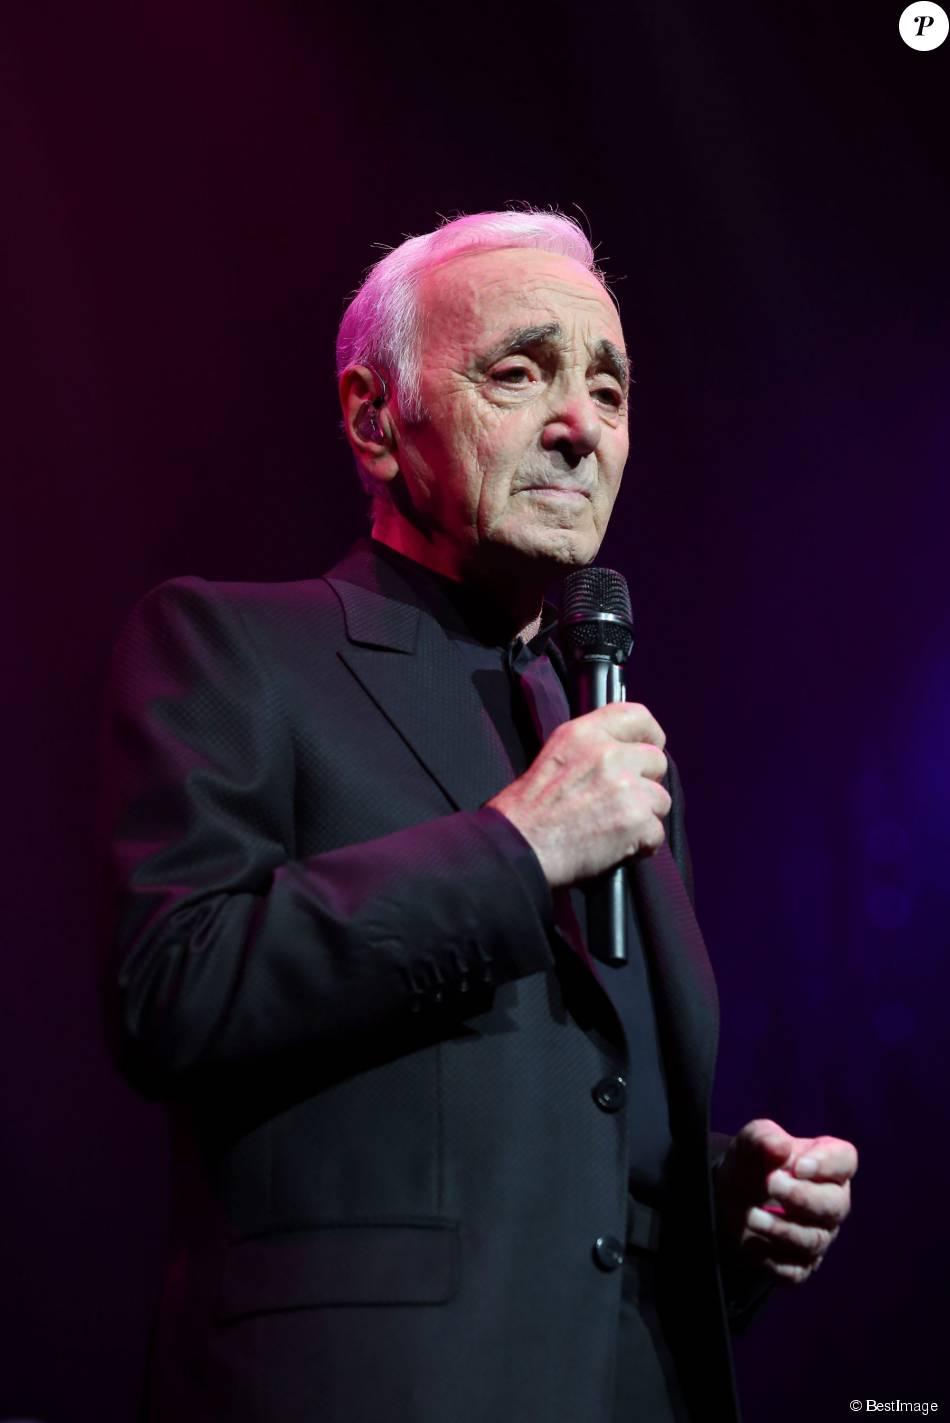 Charles Aznavour - Première représentation de son spectacle au Palais des Sports à Paris le 15 septembre 2015.